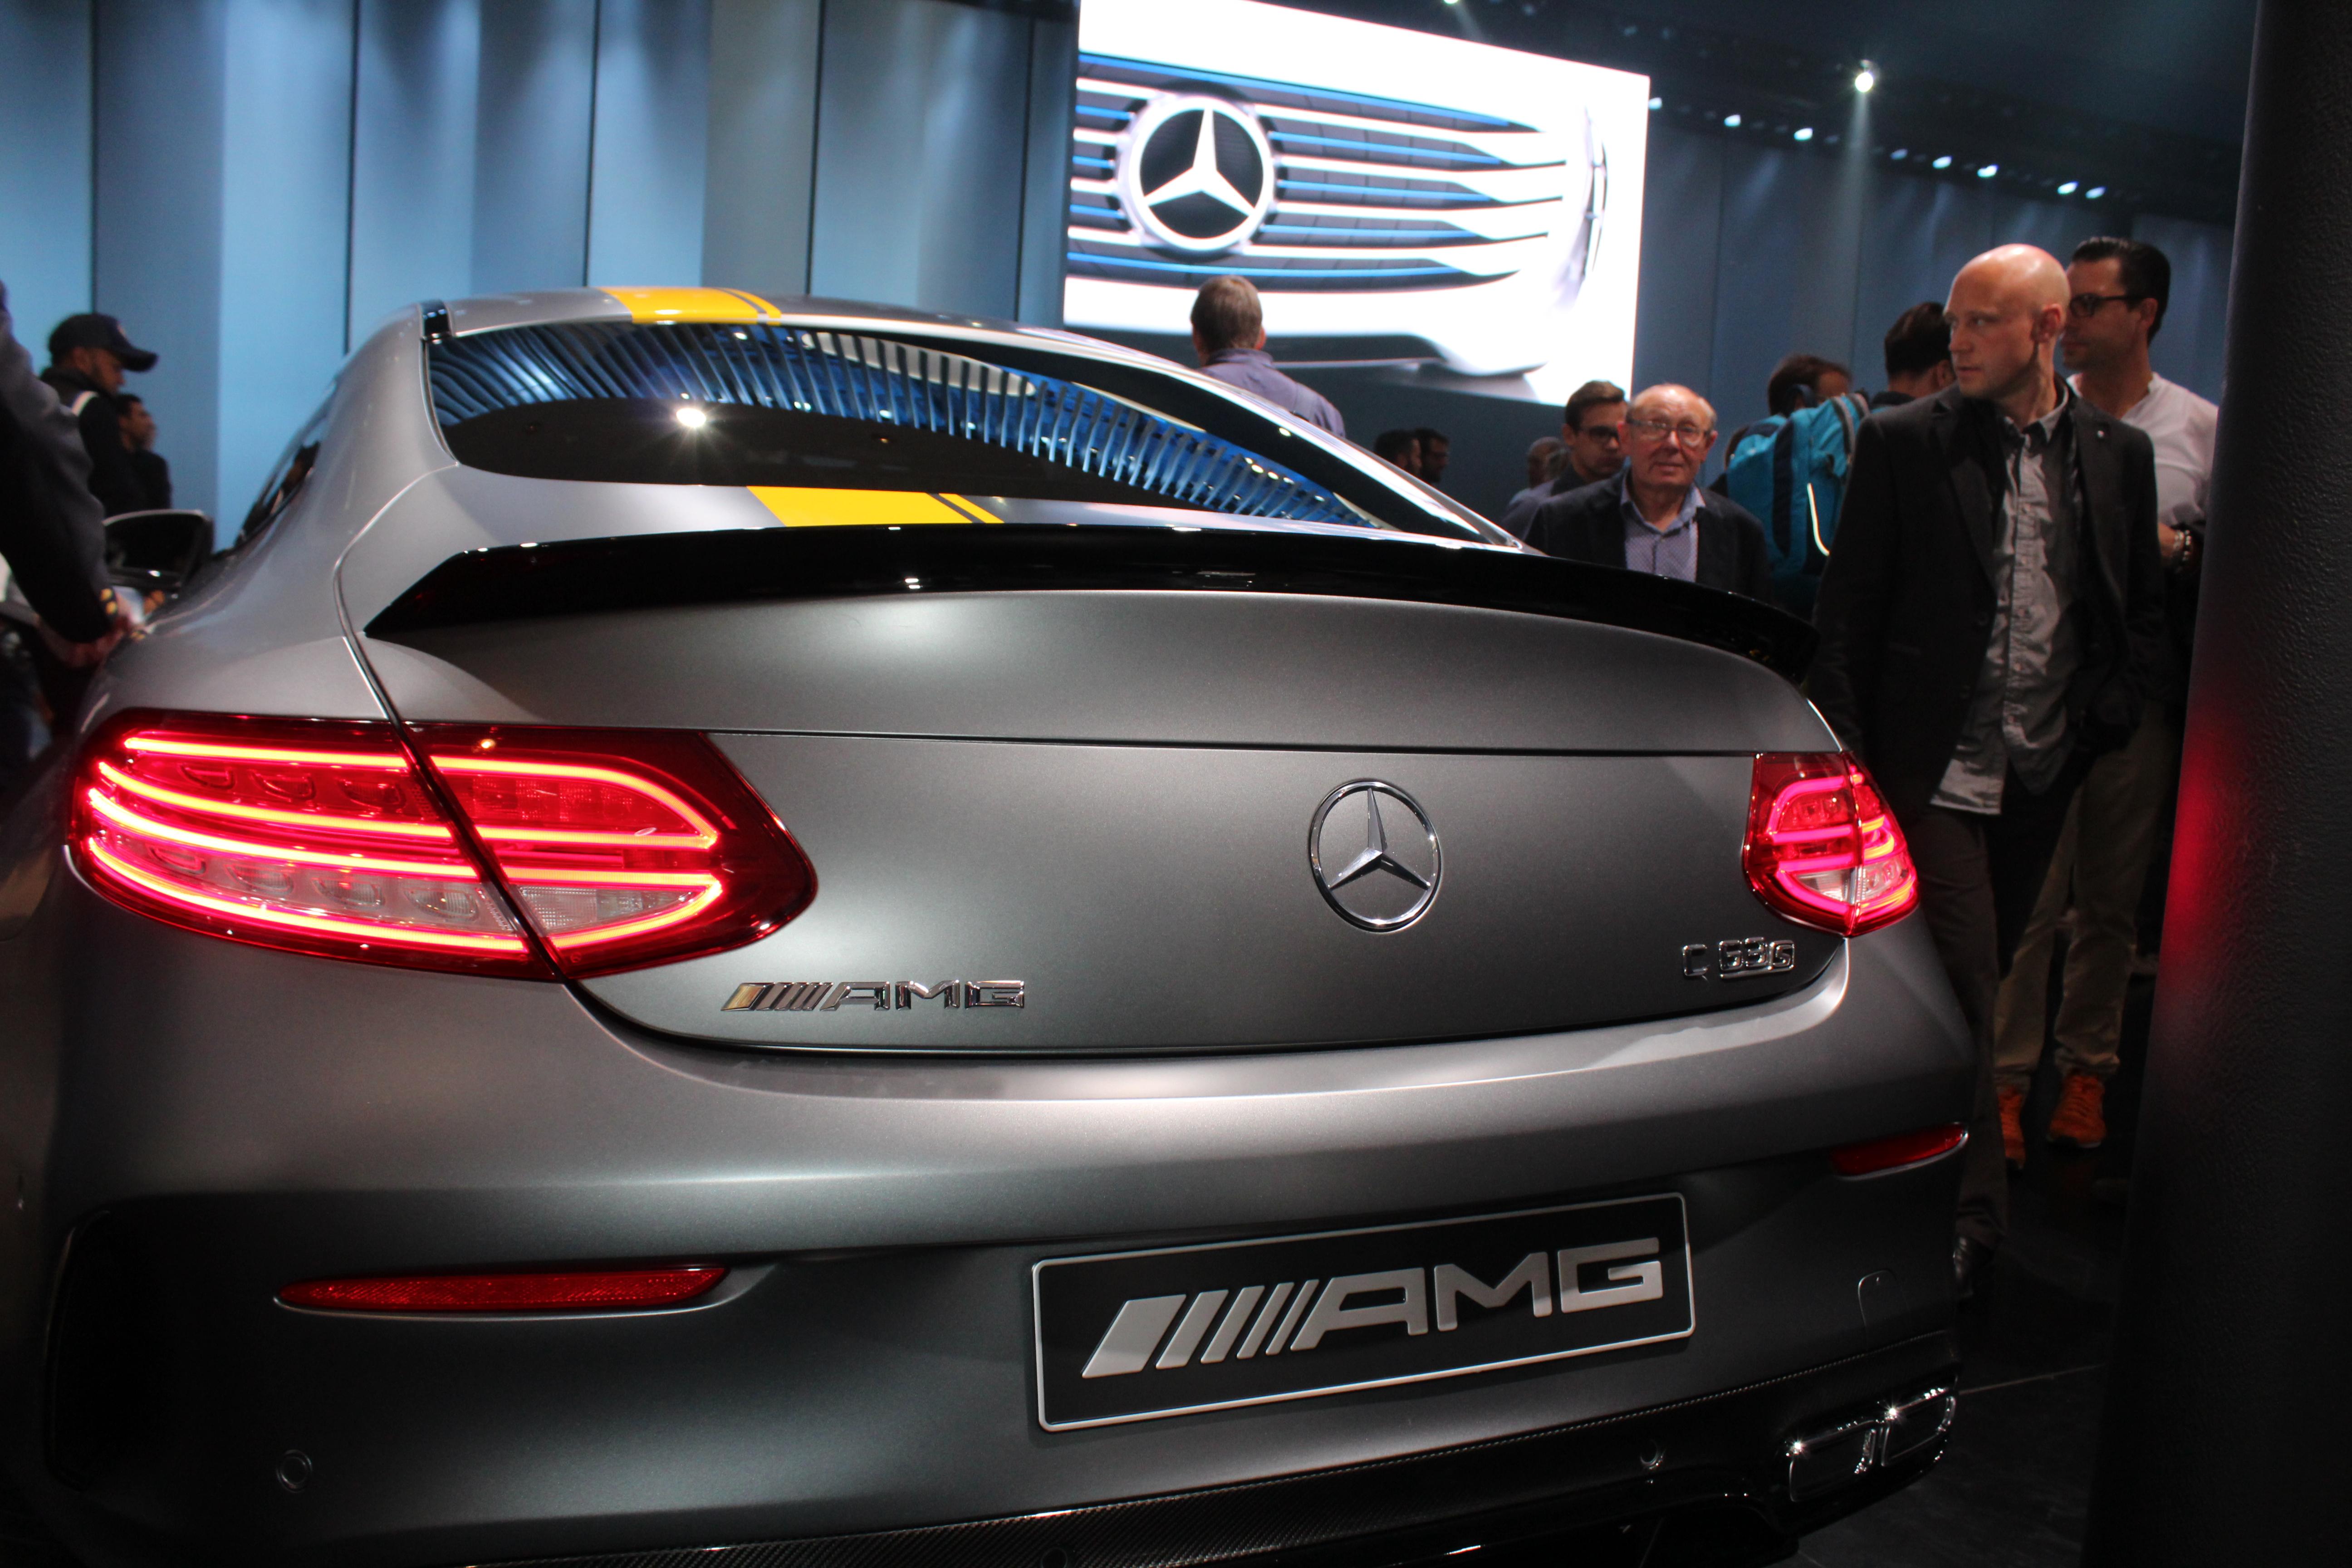 Nya Mercedes C-klass Coupé visar baken. Här muskelstinna AMG C63 S i sitt läckra Edition 1-utförande. Militärisk lack och gula fartränder. Går som ett skott givetvis!